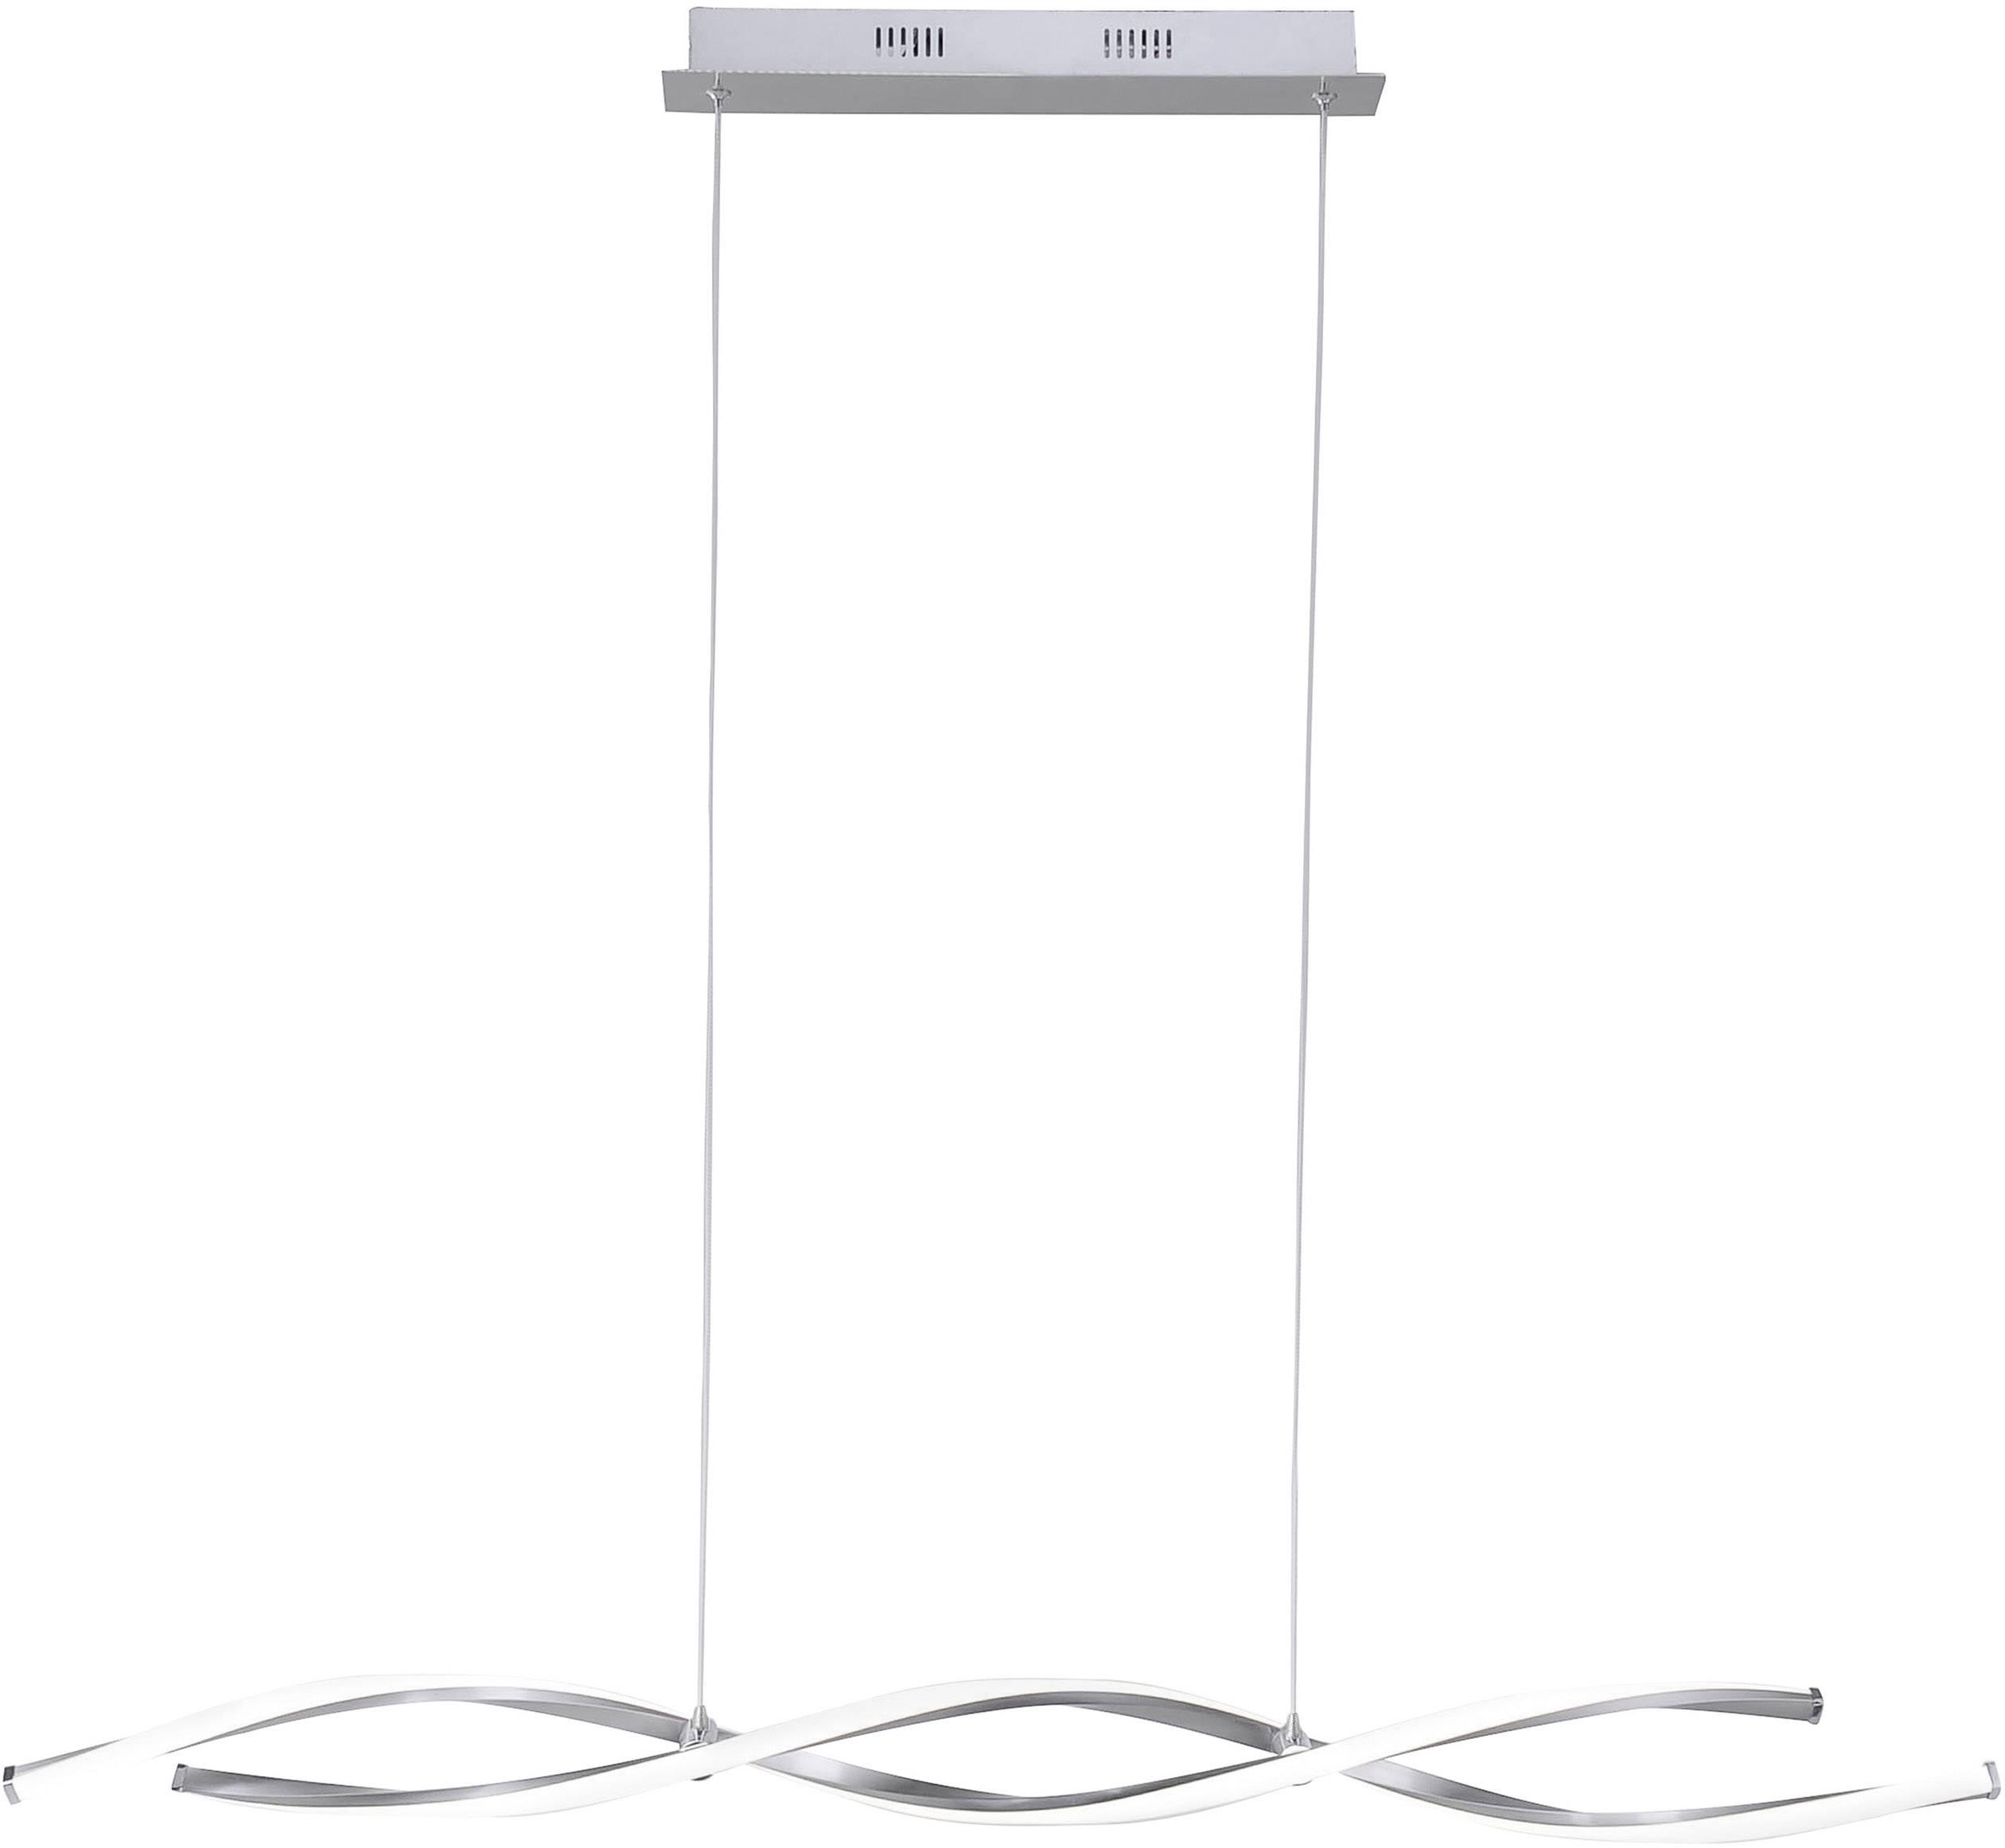 Paul Neuhaus INIGO 8190 55 LED Deckenleuchte Edelstahl 32 W Warmweiß Dimmbar über Lichtschalter, Memory Funktion